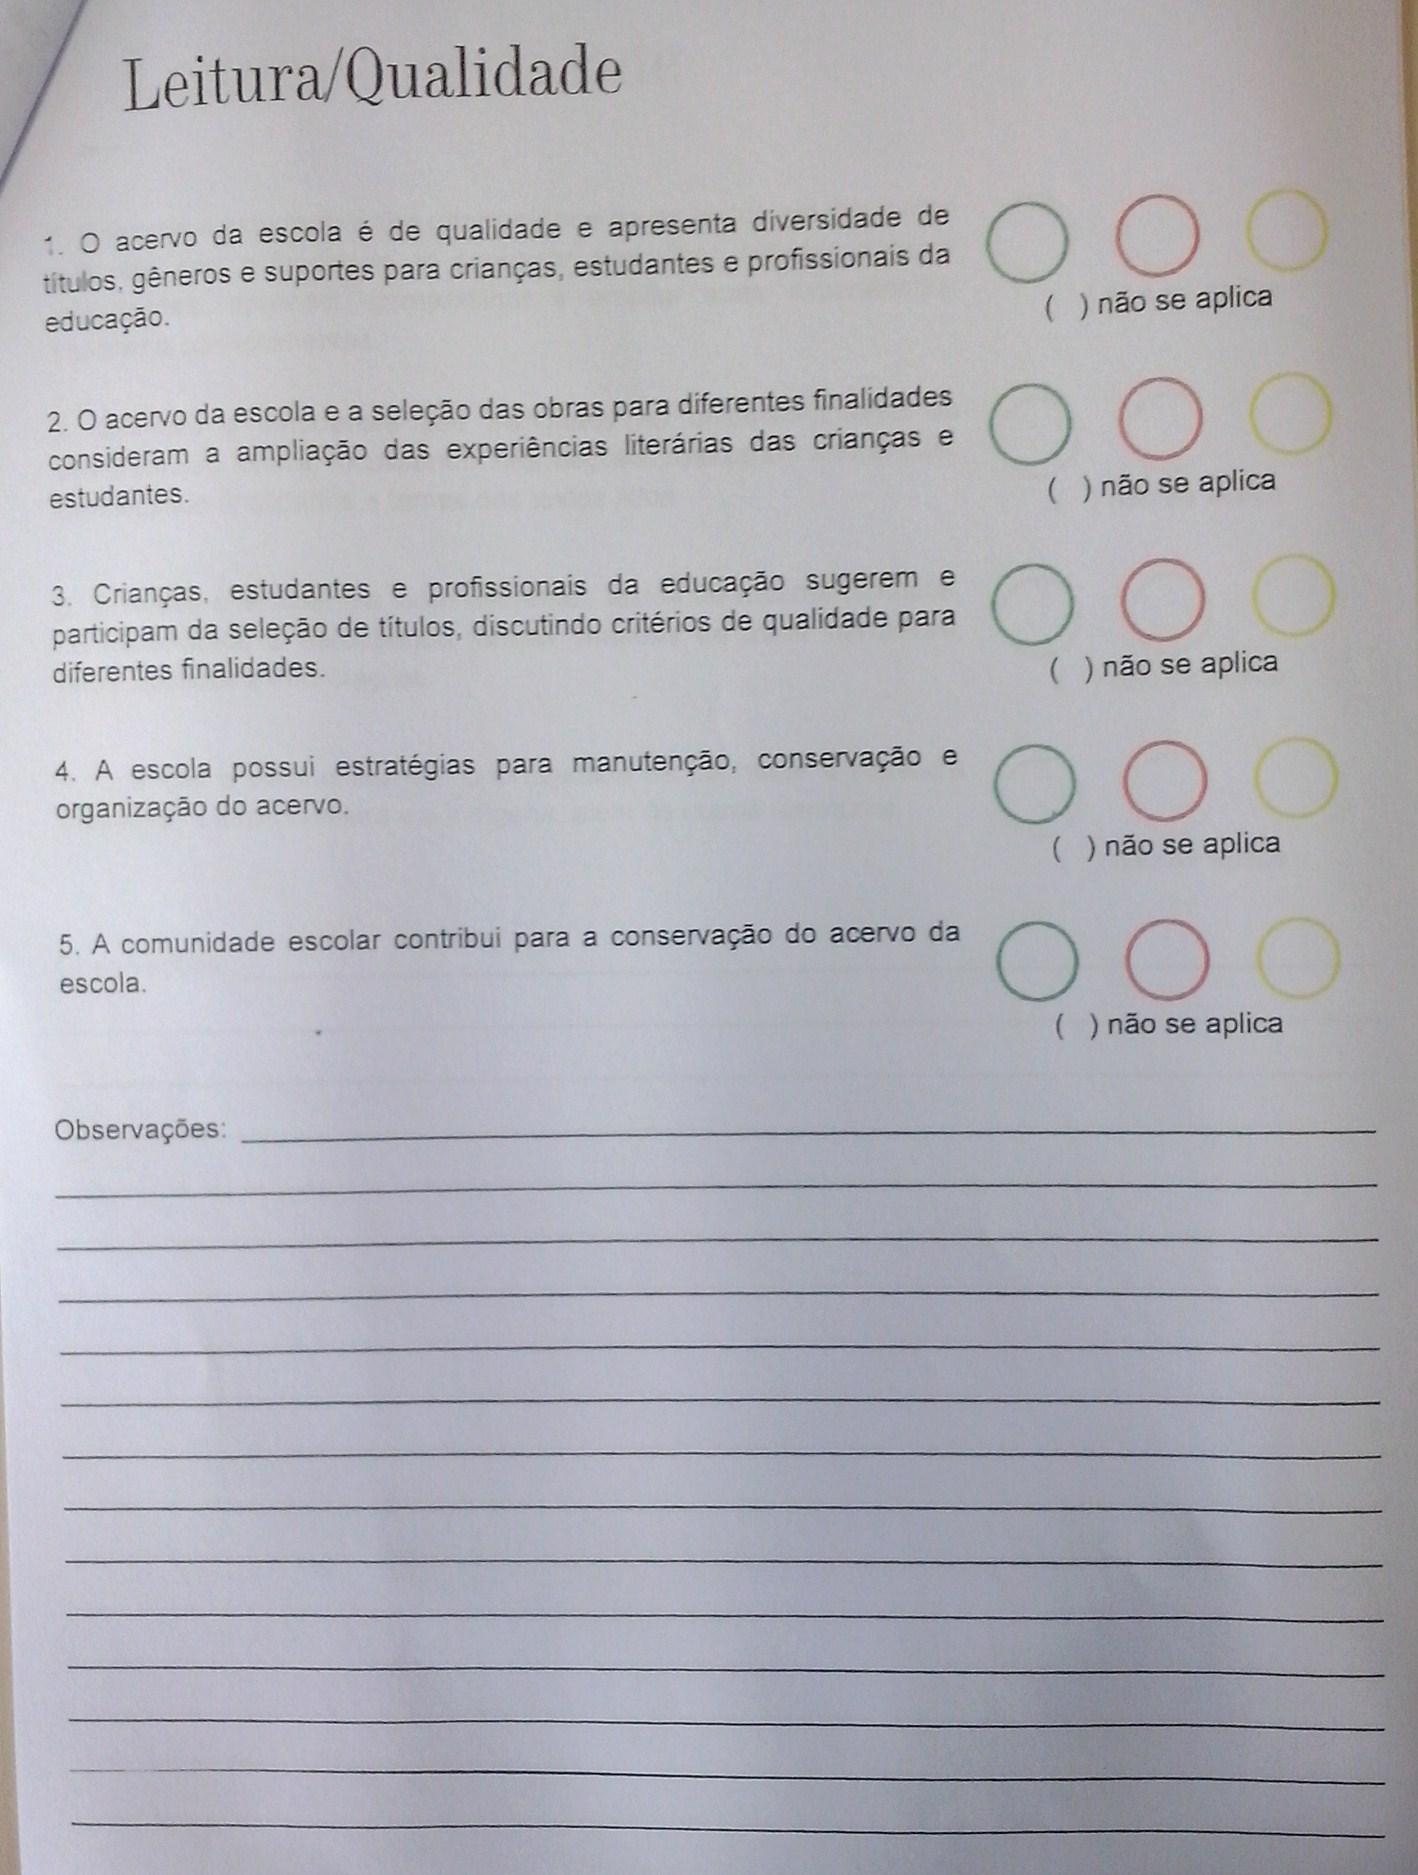 documento que irá subsidiar a avaliação da escola pela comunidade escolar